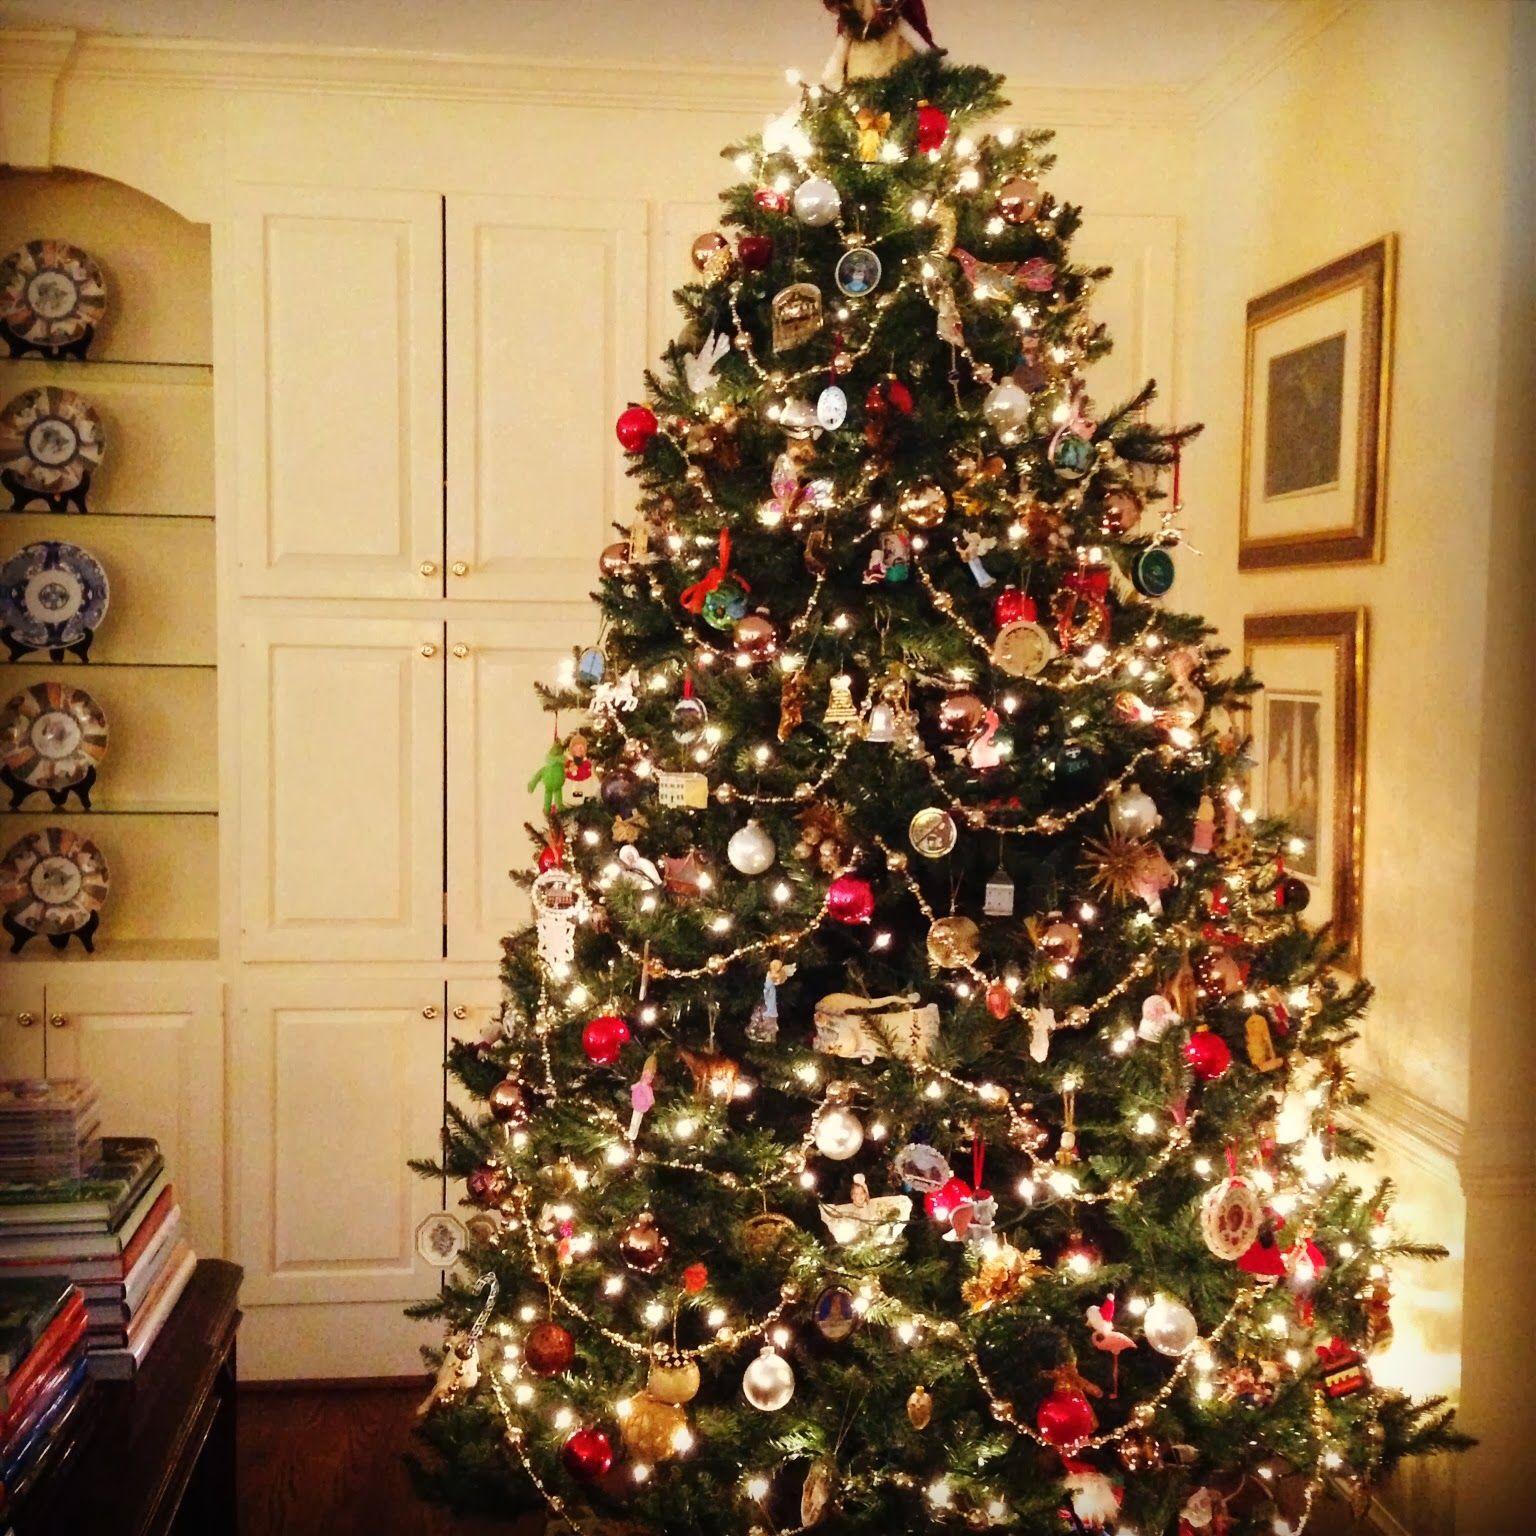 Christmas Trees By Mirkamojzisova